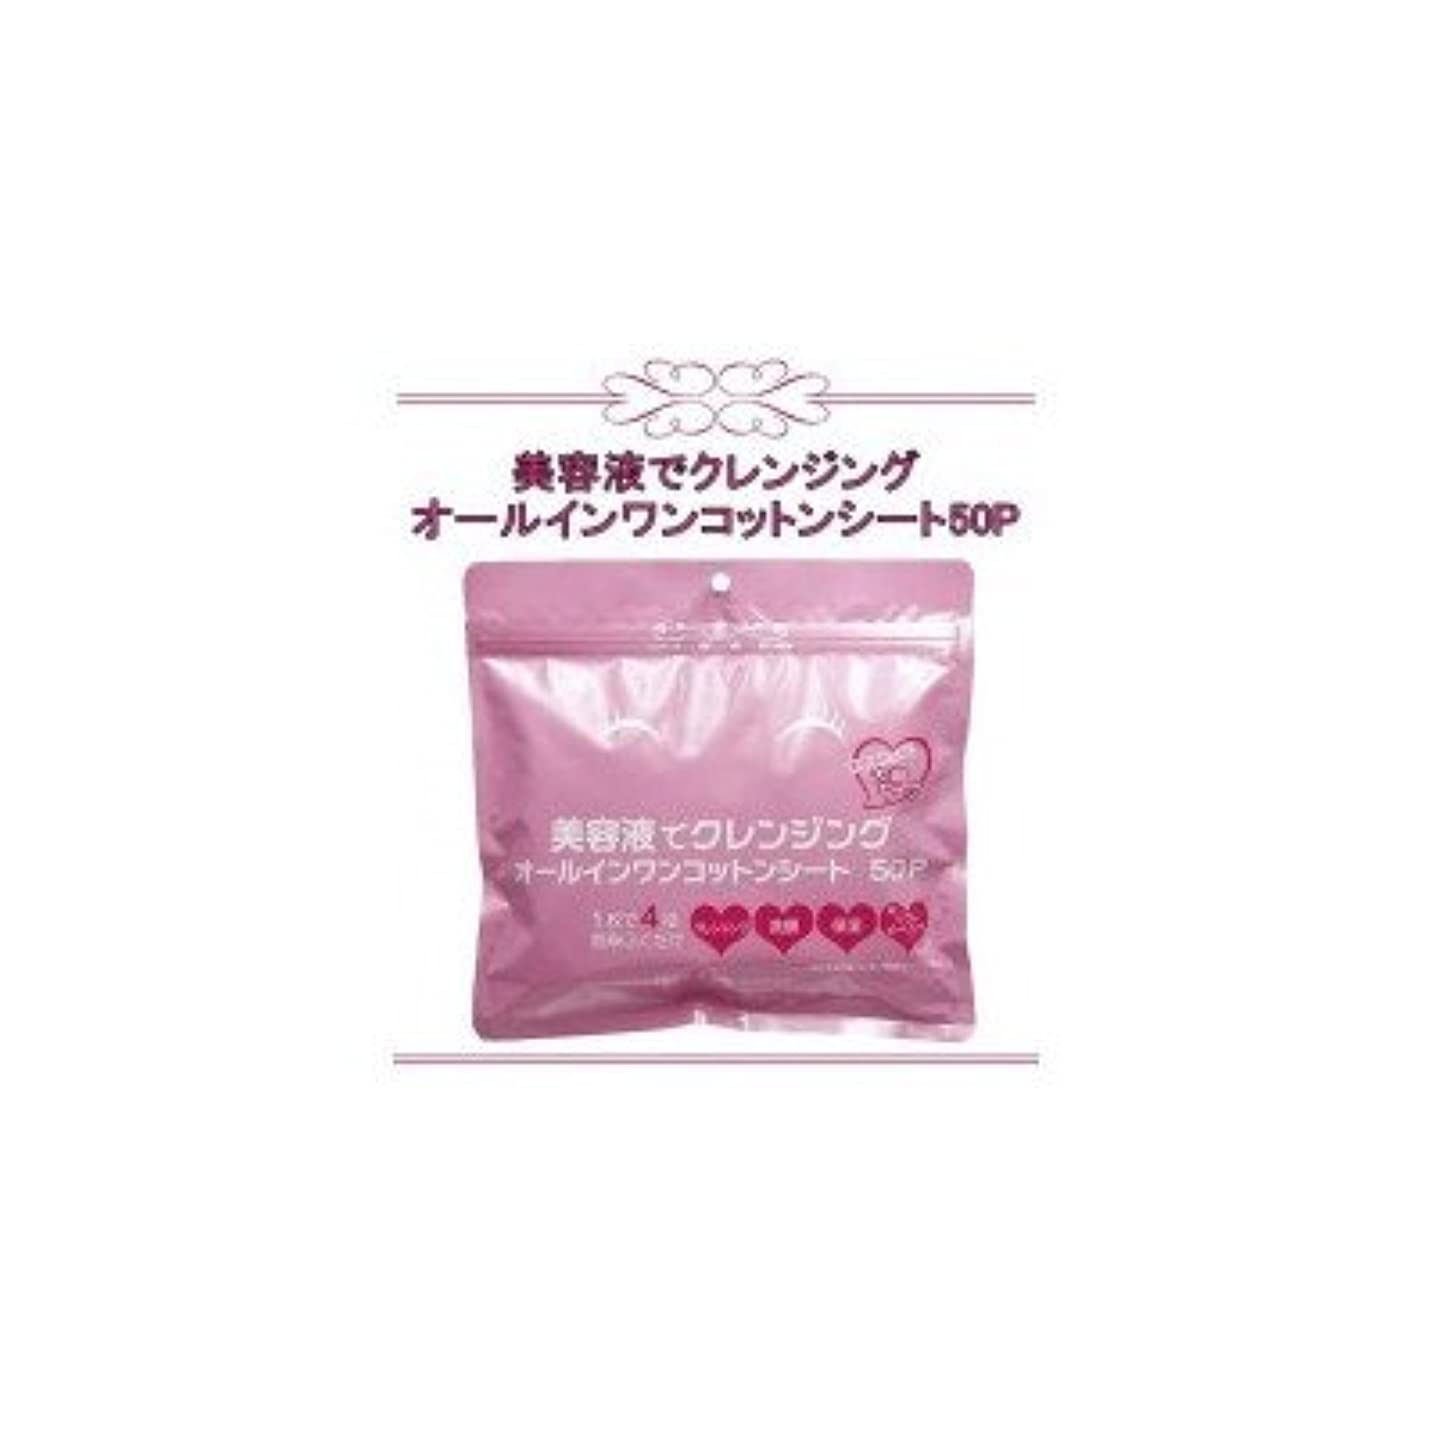 四分円キャリア金曜日美容液でクレンジング オールインワンコットンシート 50P(50枚入)